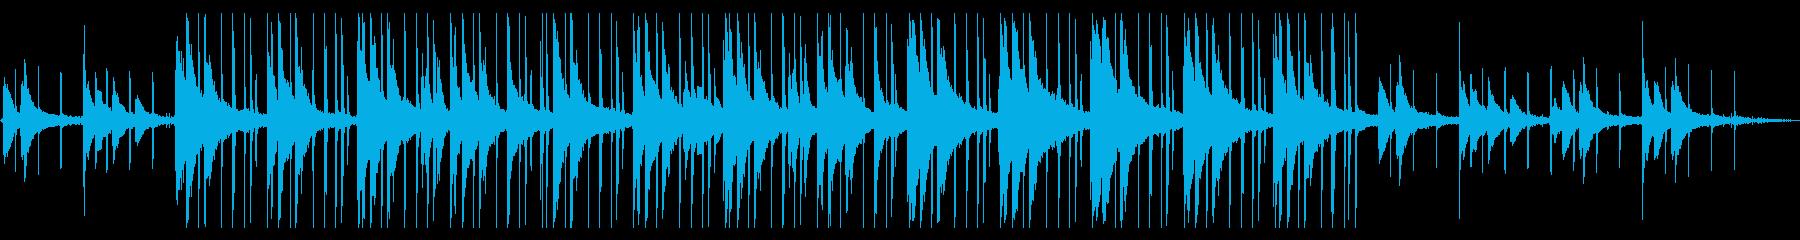 ゆらゆらするピアノLOFI HIPHOPの再生済みの波形